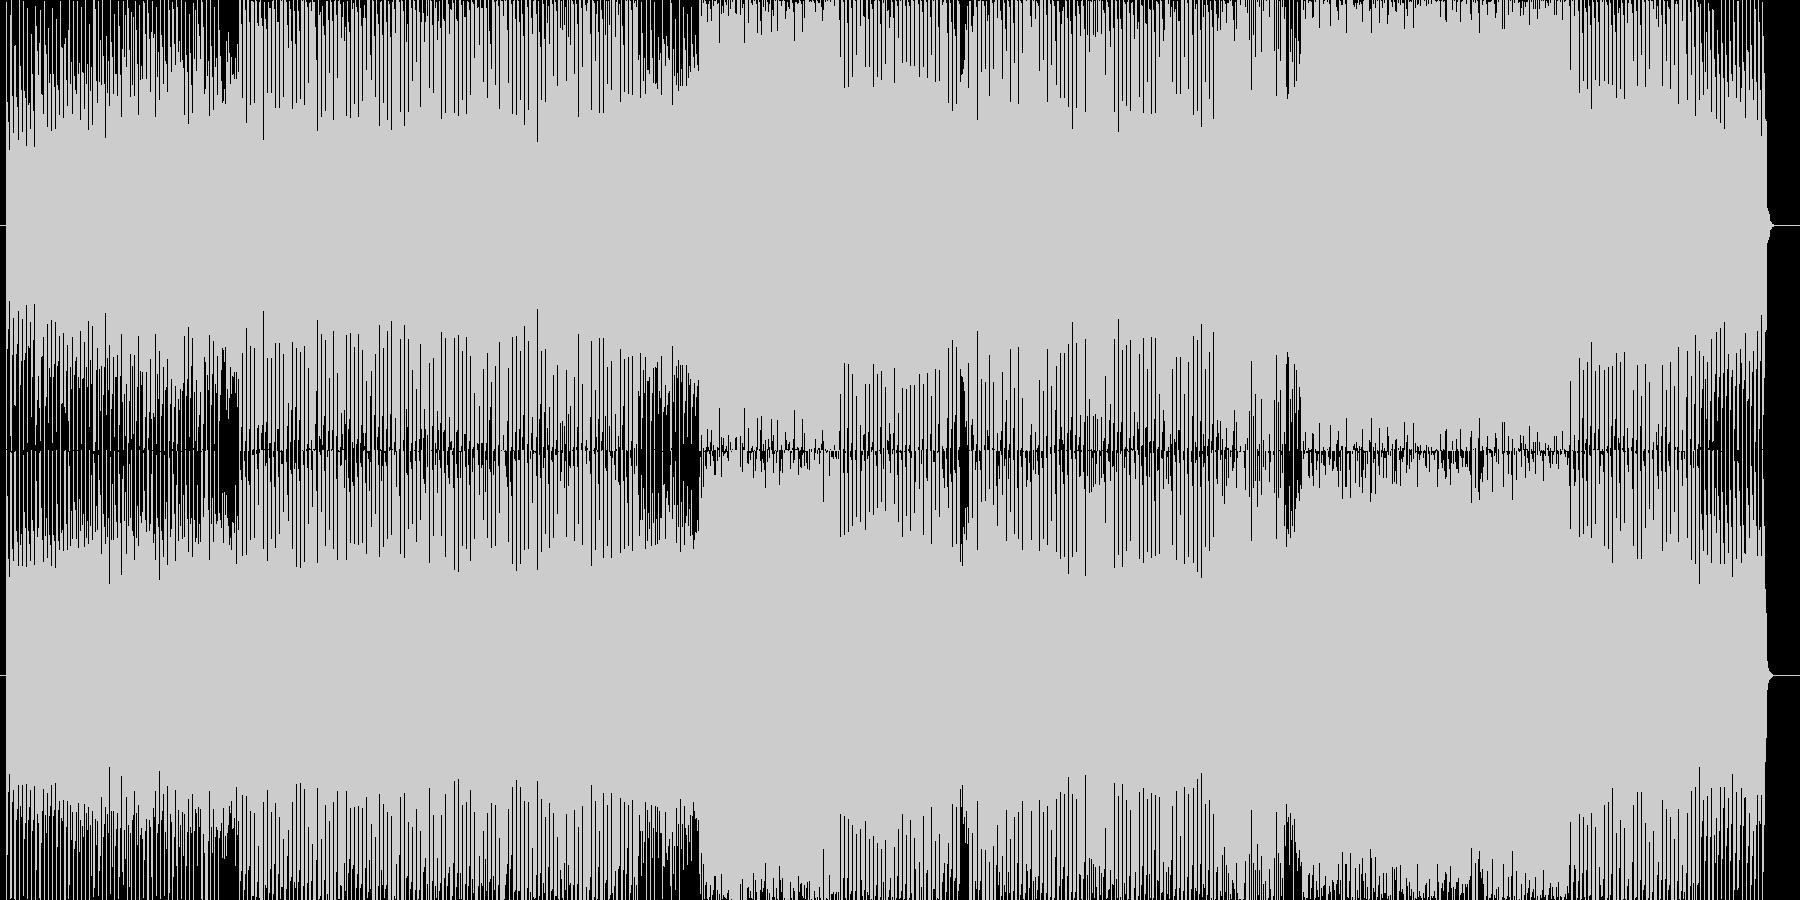 突き抜ける様に爽やかなエレクトロダンス…の未再生の波形